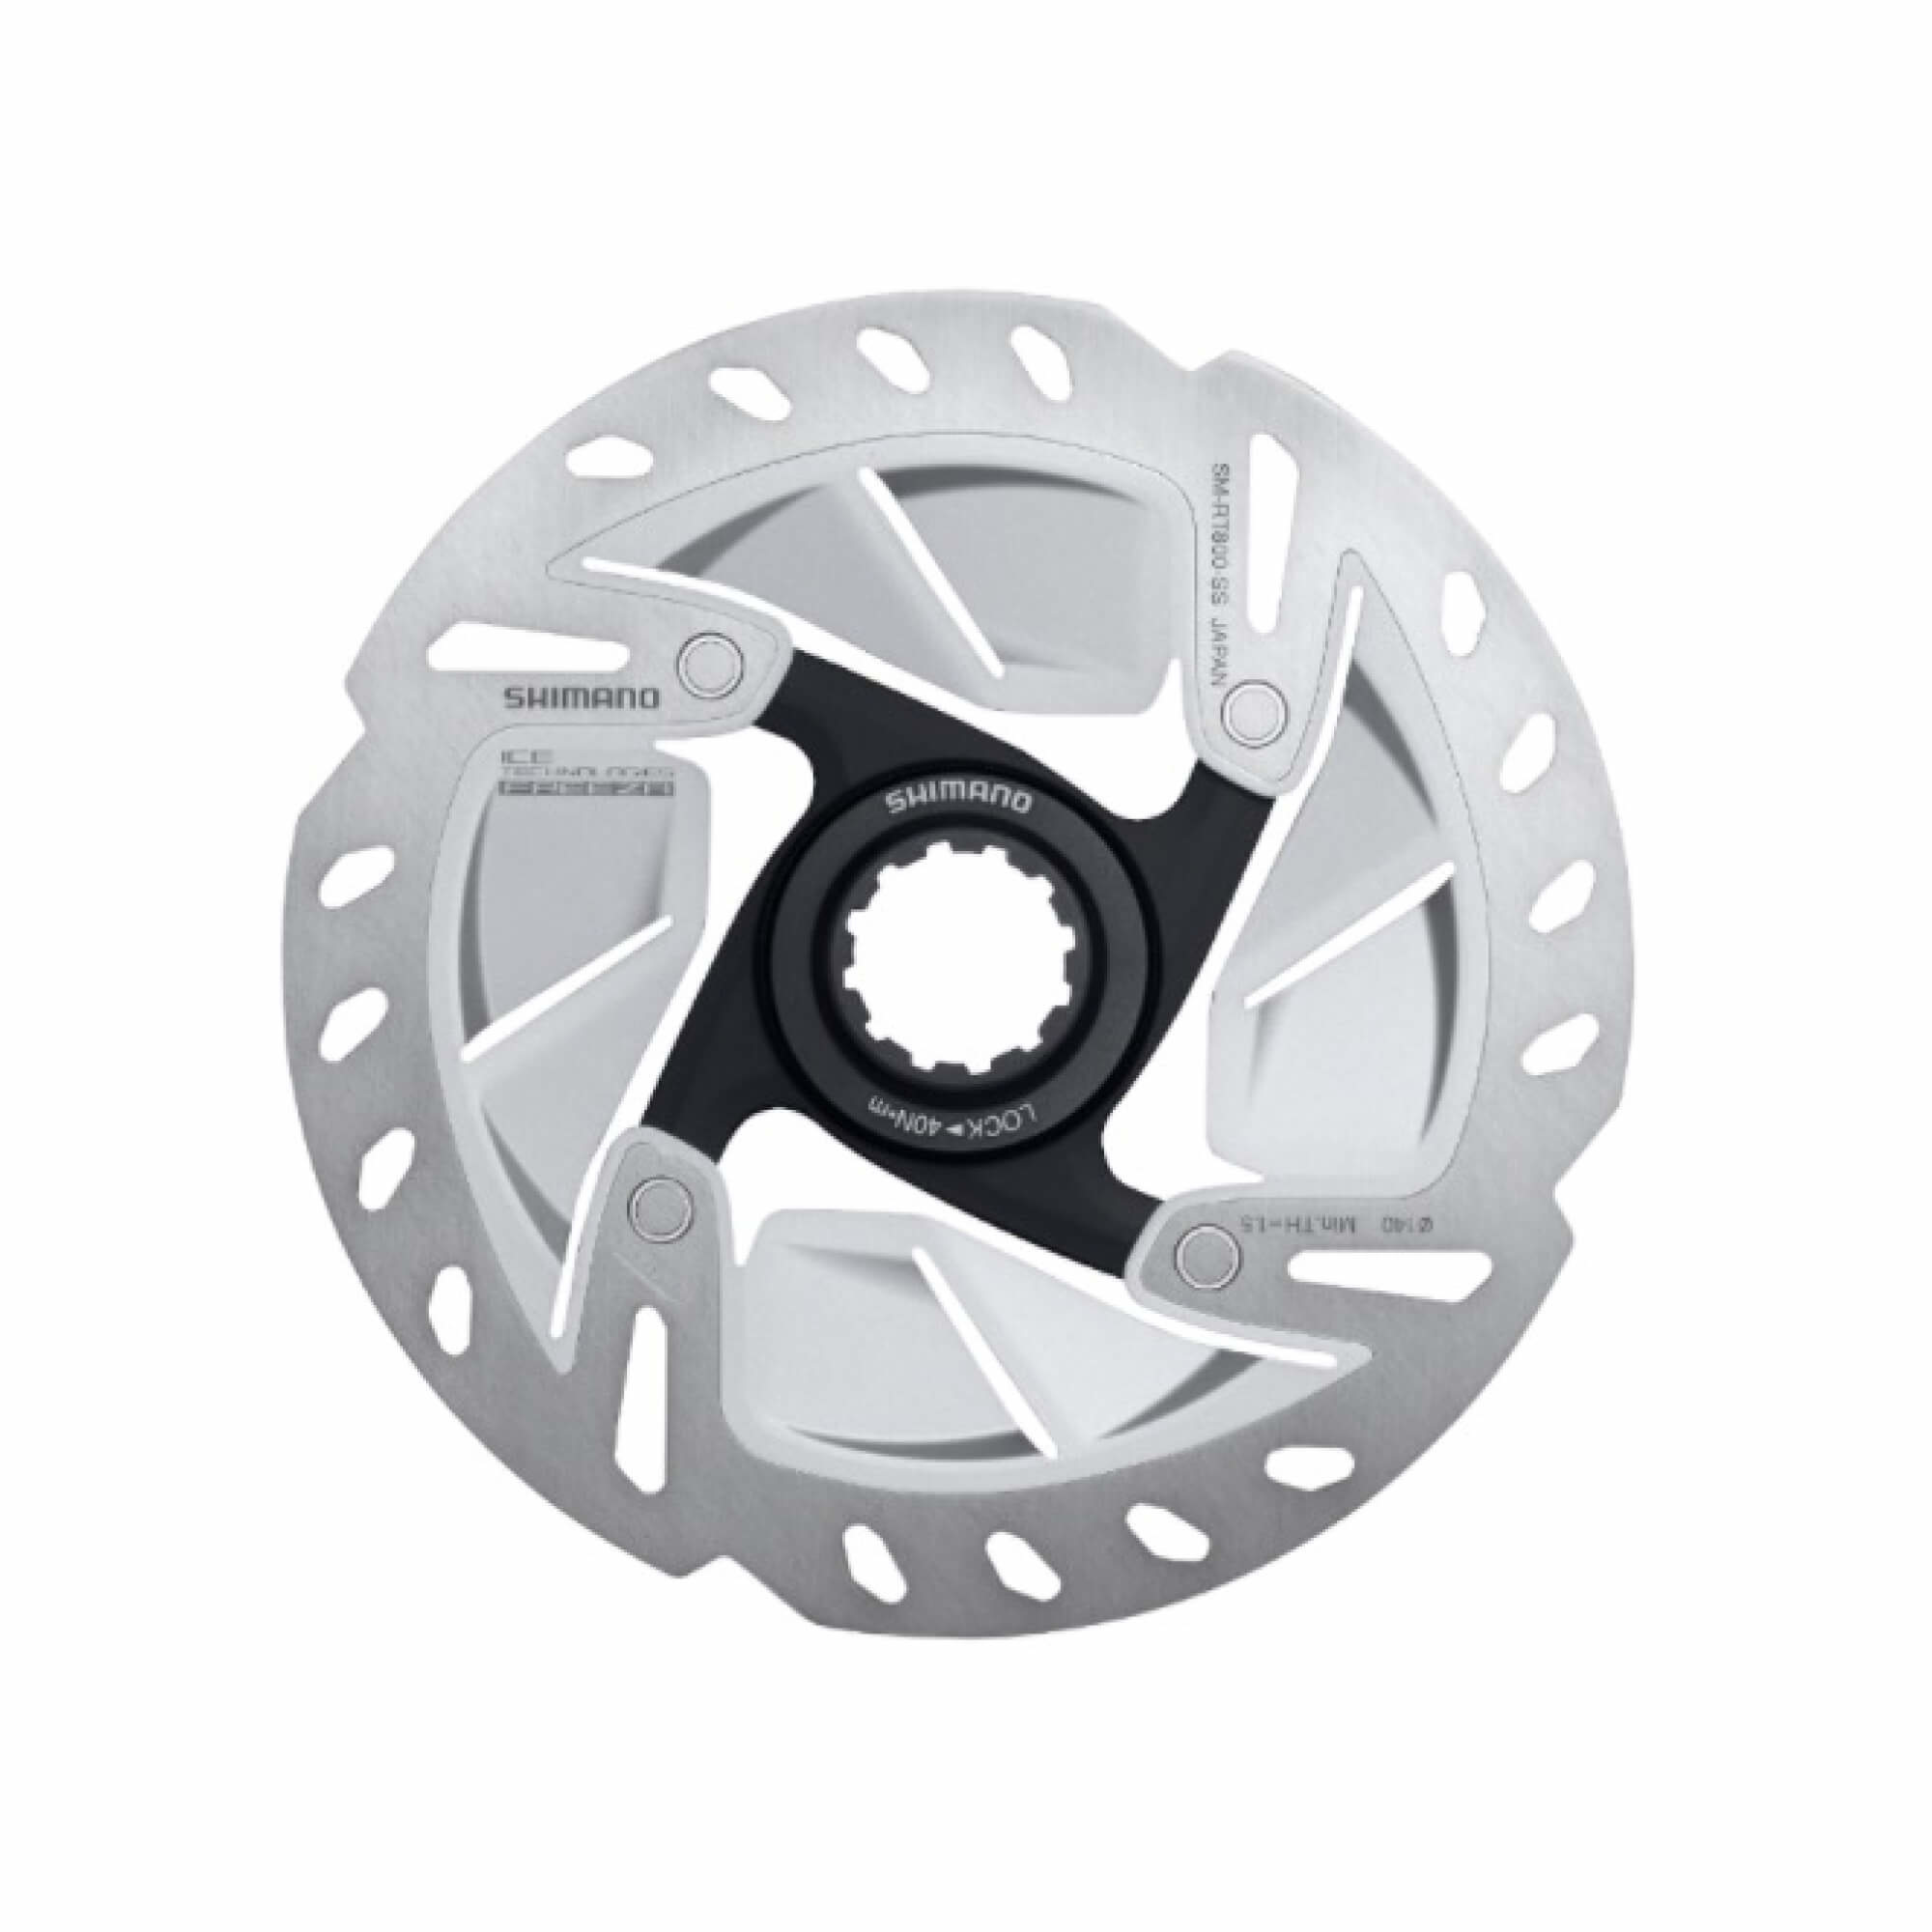 SM-RT800 Disc Brake Rotor Ultegra Centerlock-2